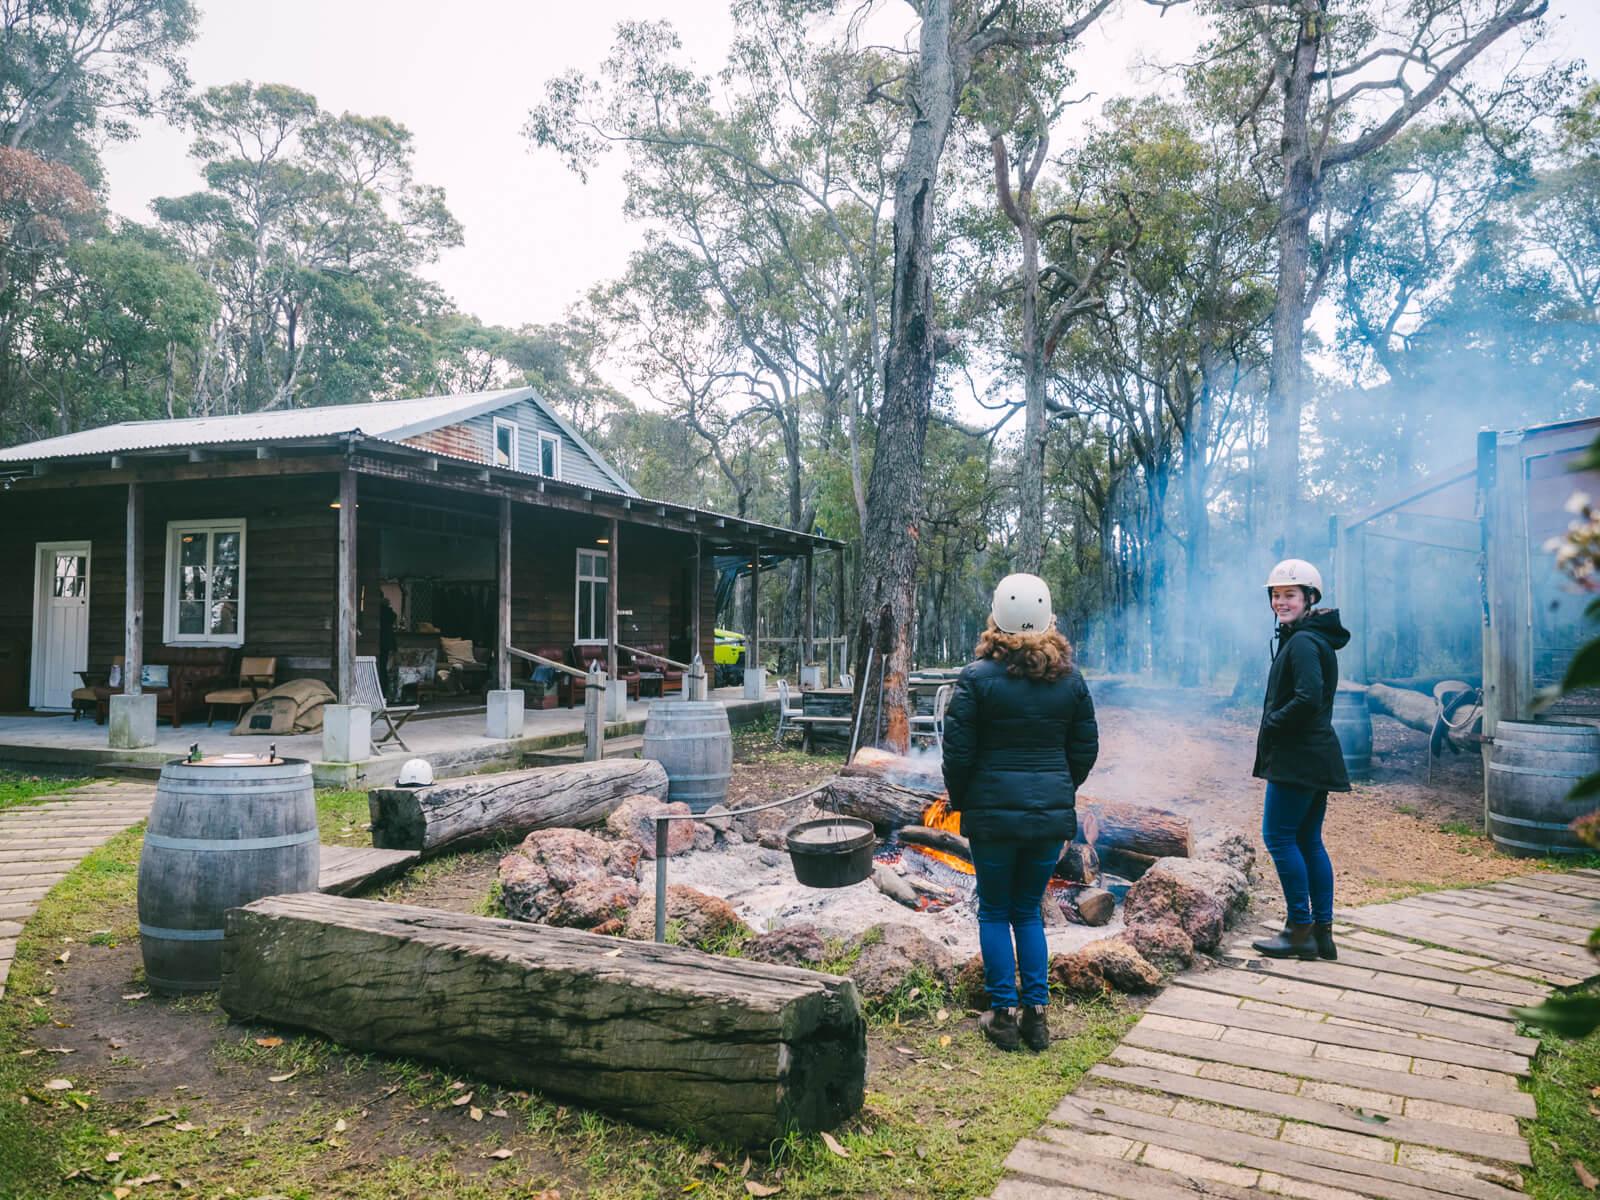 Perth, Australia - Jesters Flat - Campfire area